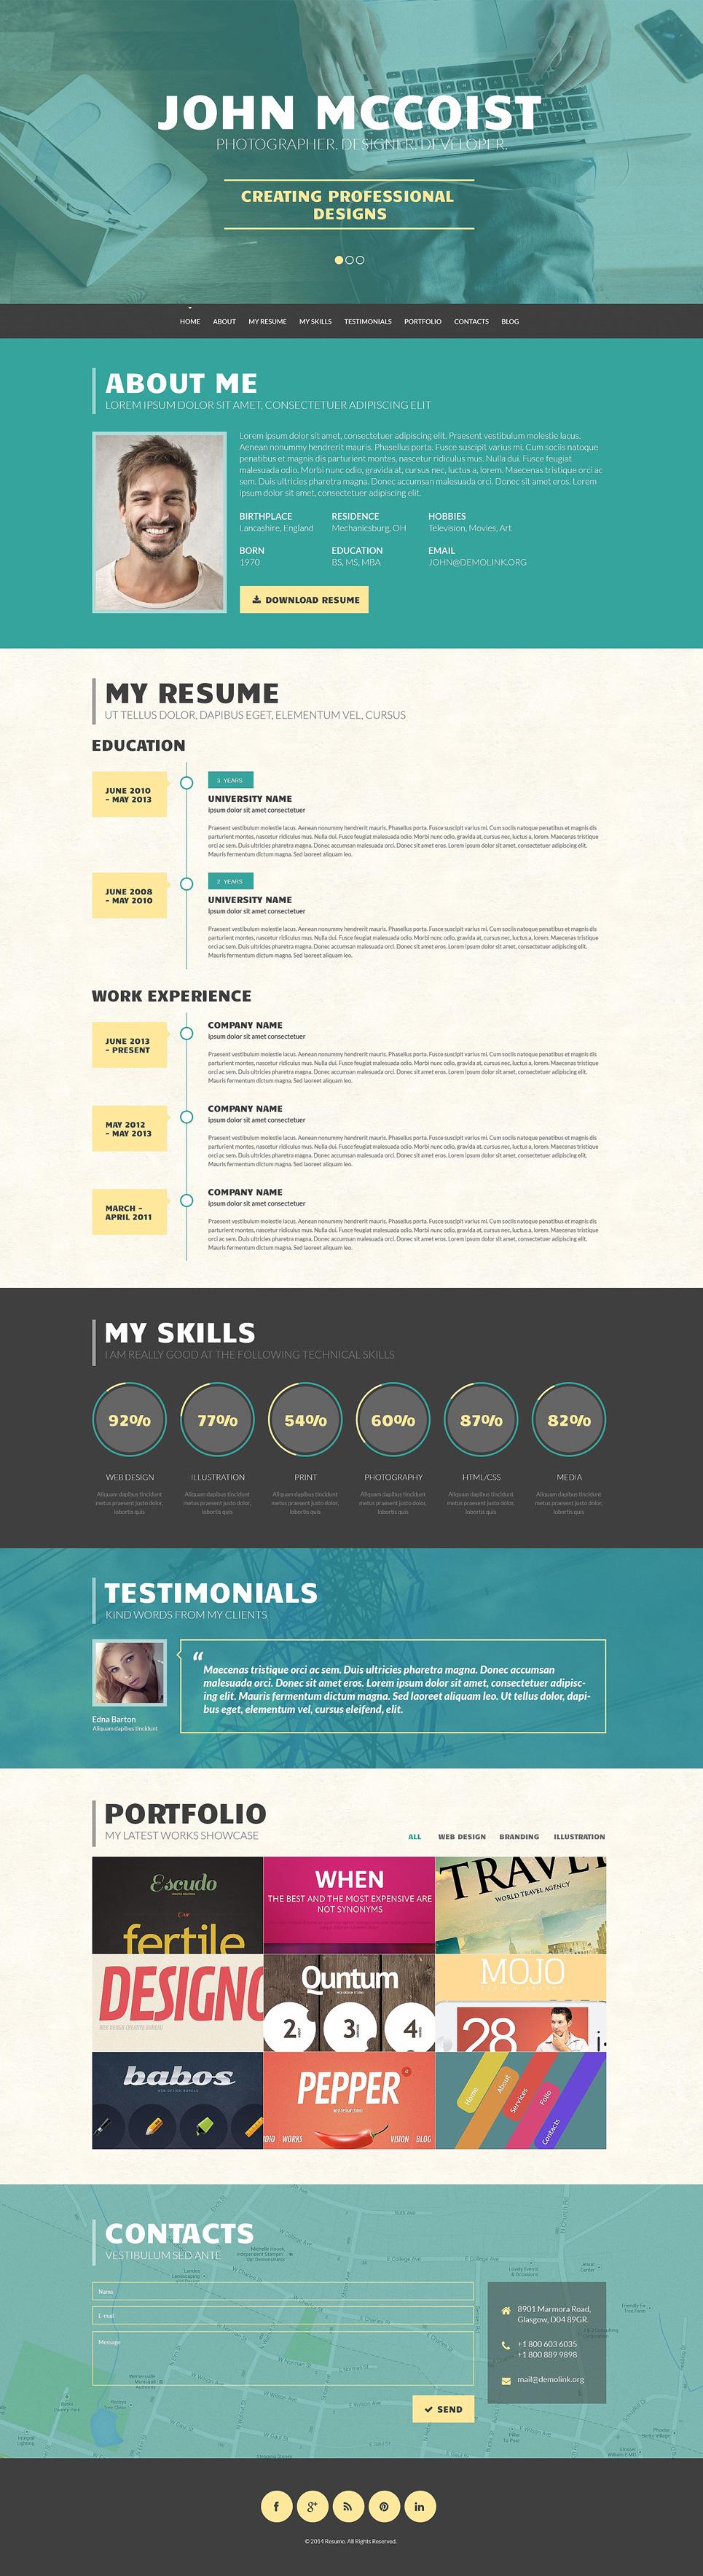 Адаптивный шаблон сайта на тему портфолио дизайнера #50910